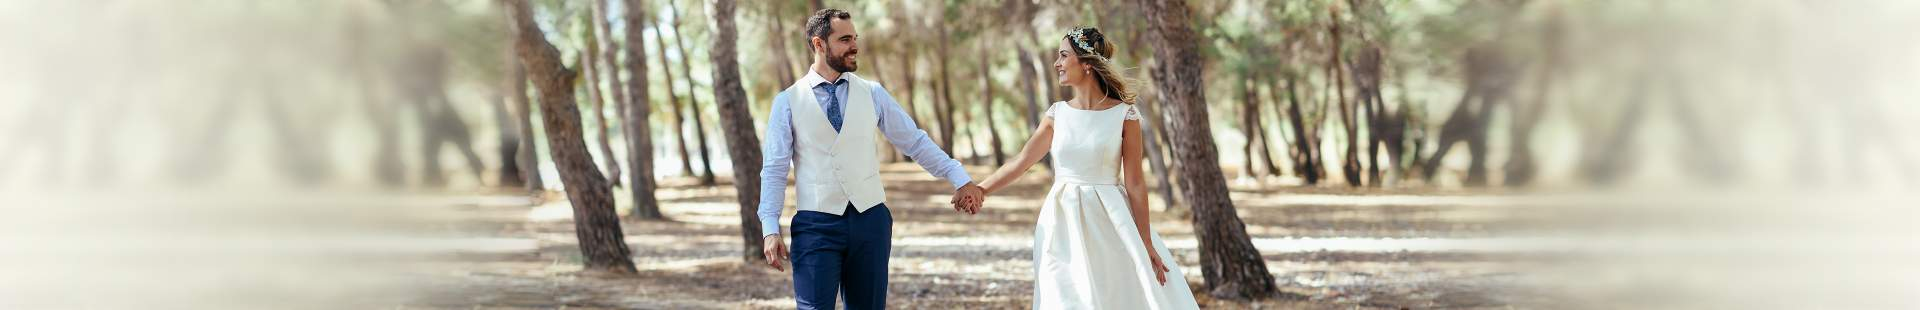 Heirat News Und Infos Zeit Online